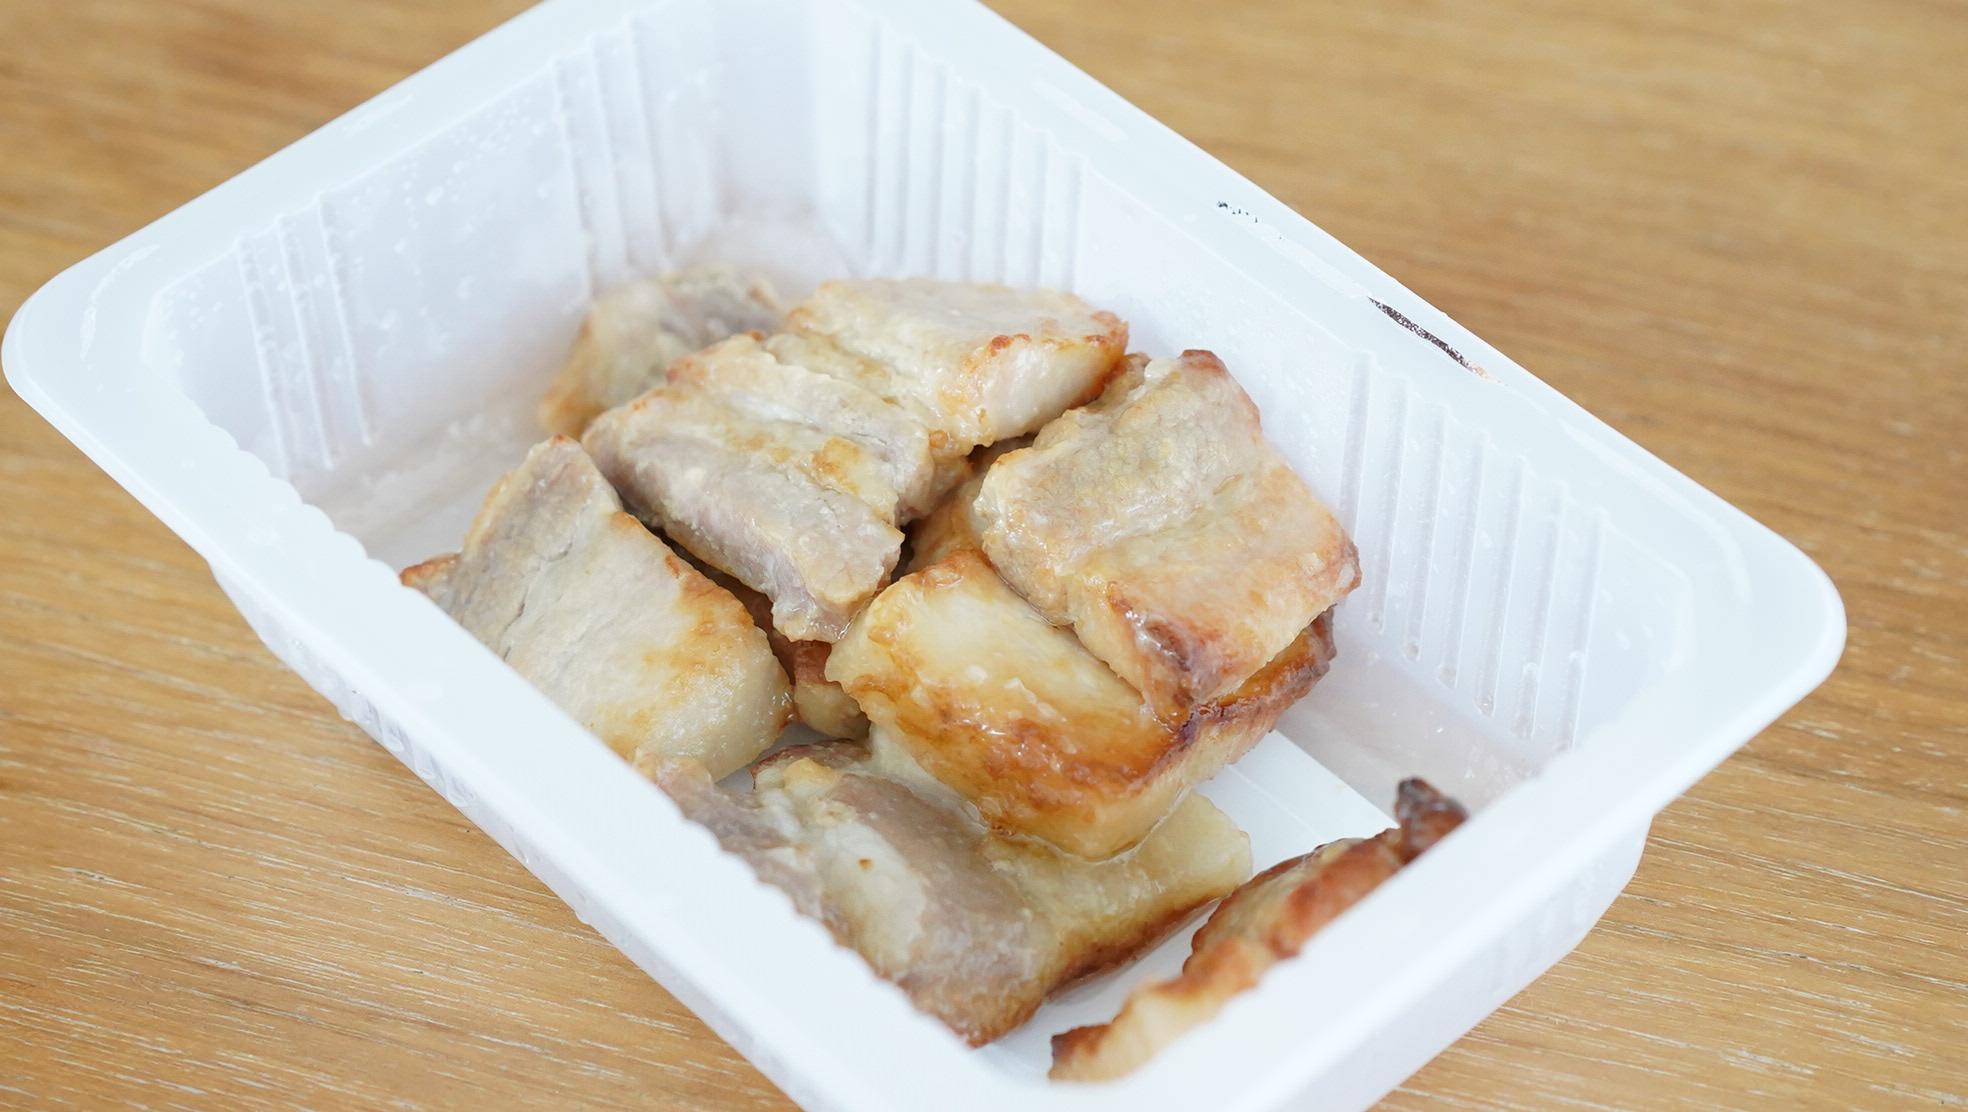 セブンイレブンのおすすめ冷凍食品「レンジで簡単豚バラ焼き」の中身の写真